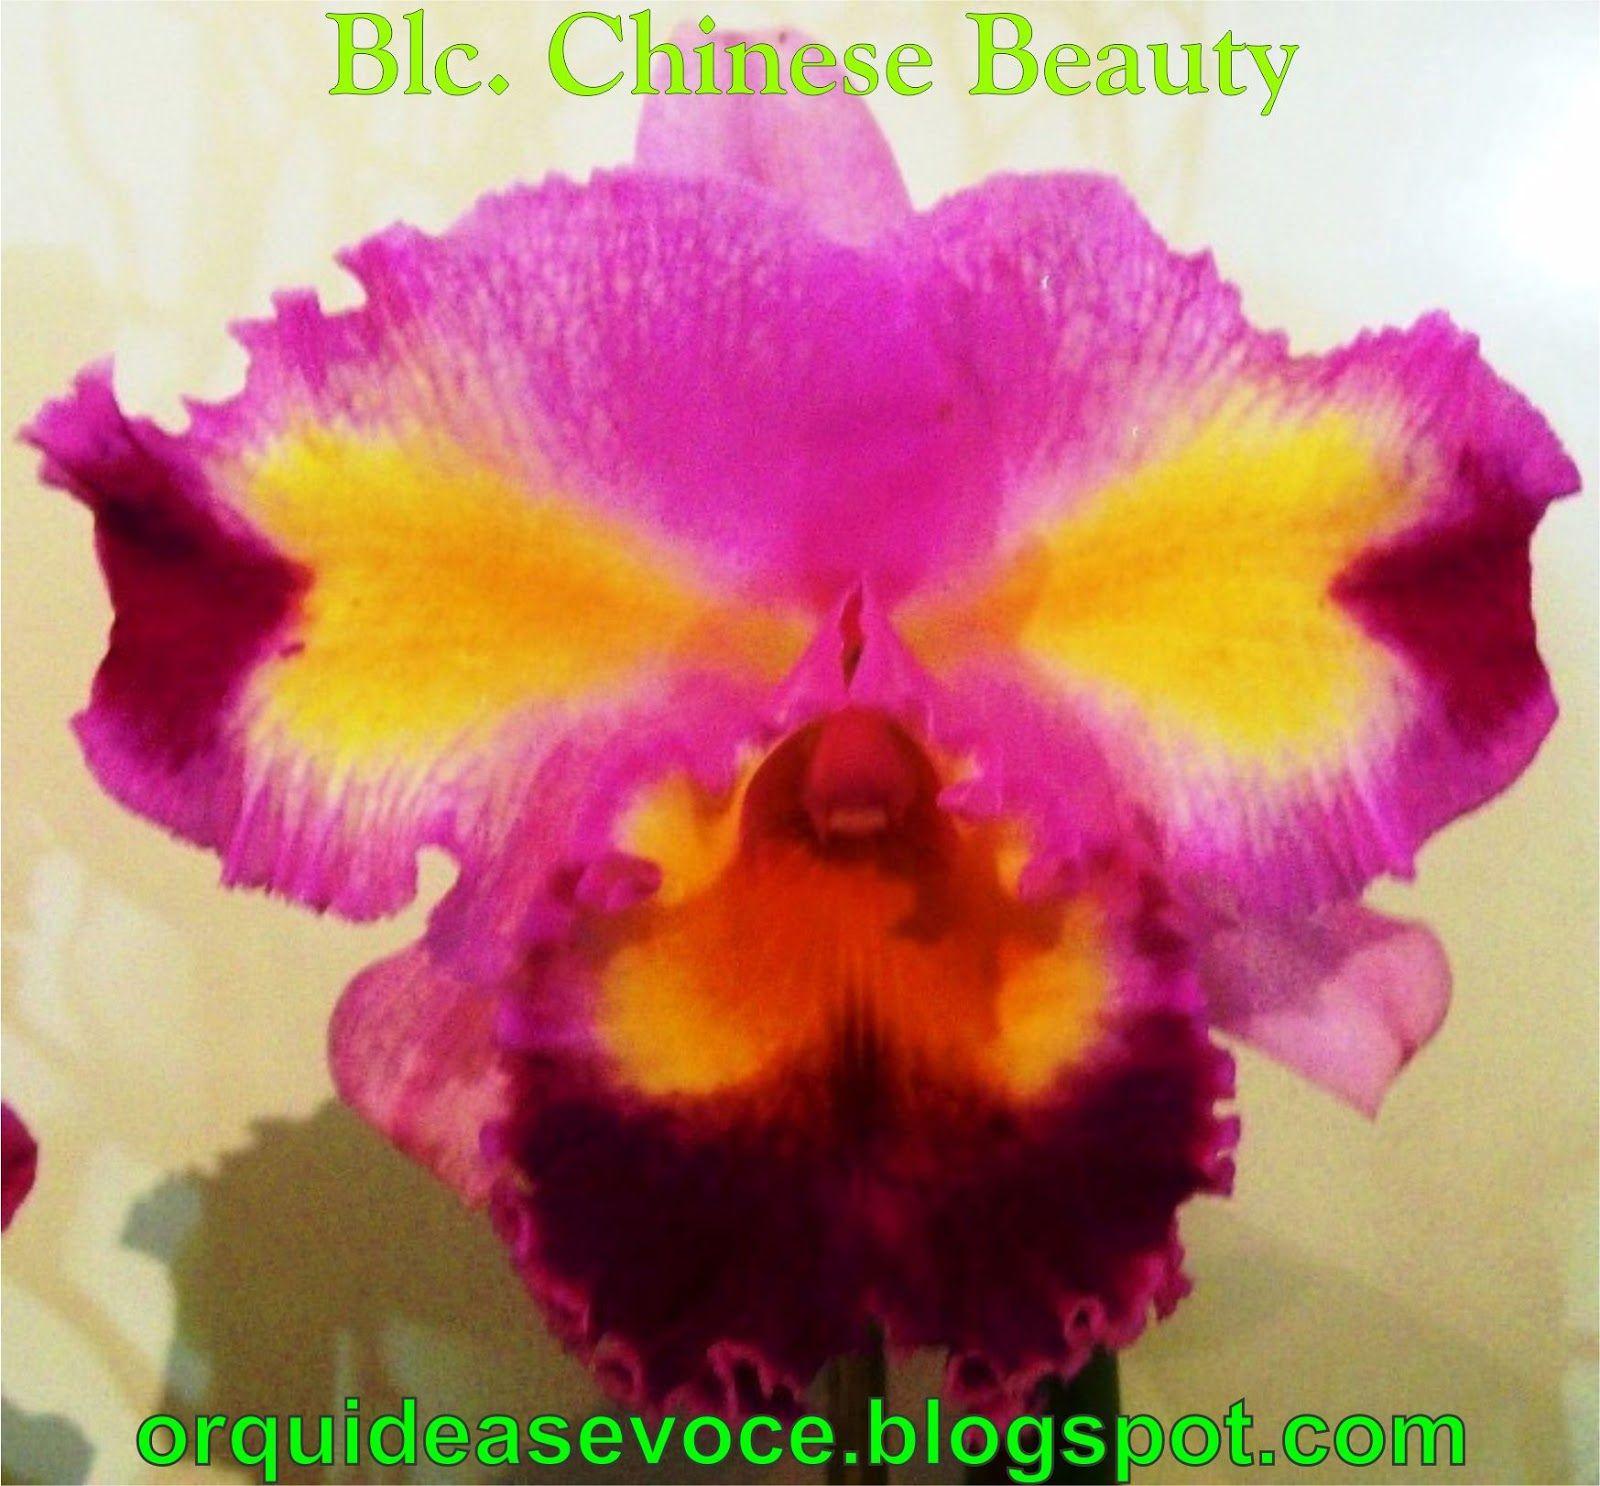 BLC Chinese Beauty Orchid Queen AM AOS | PLANTAS,ORQUIDEAS,DICAS,NOTICIAS,CURIOSIDADES: FOTOS DE ORQUÍDEAS ...